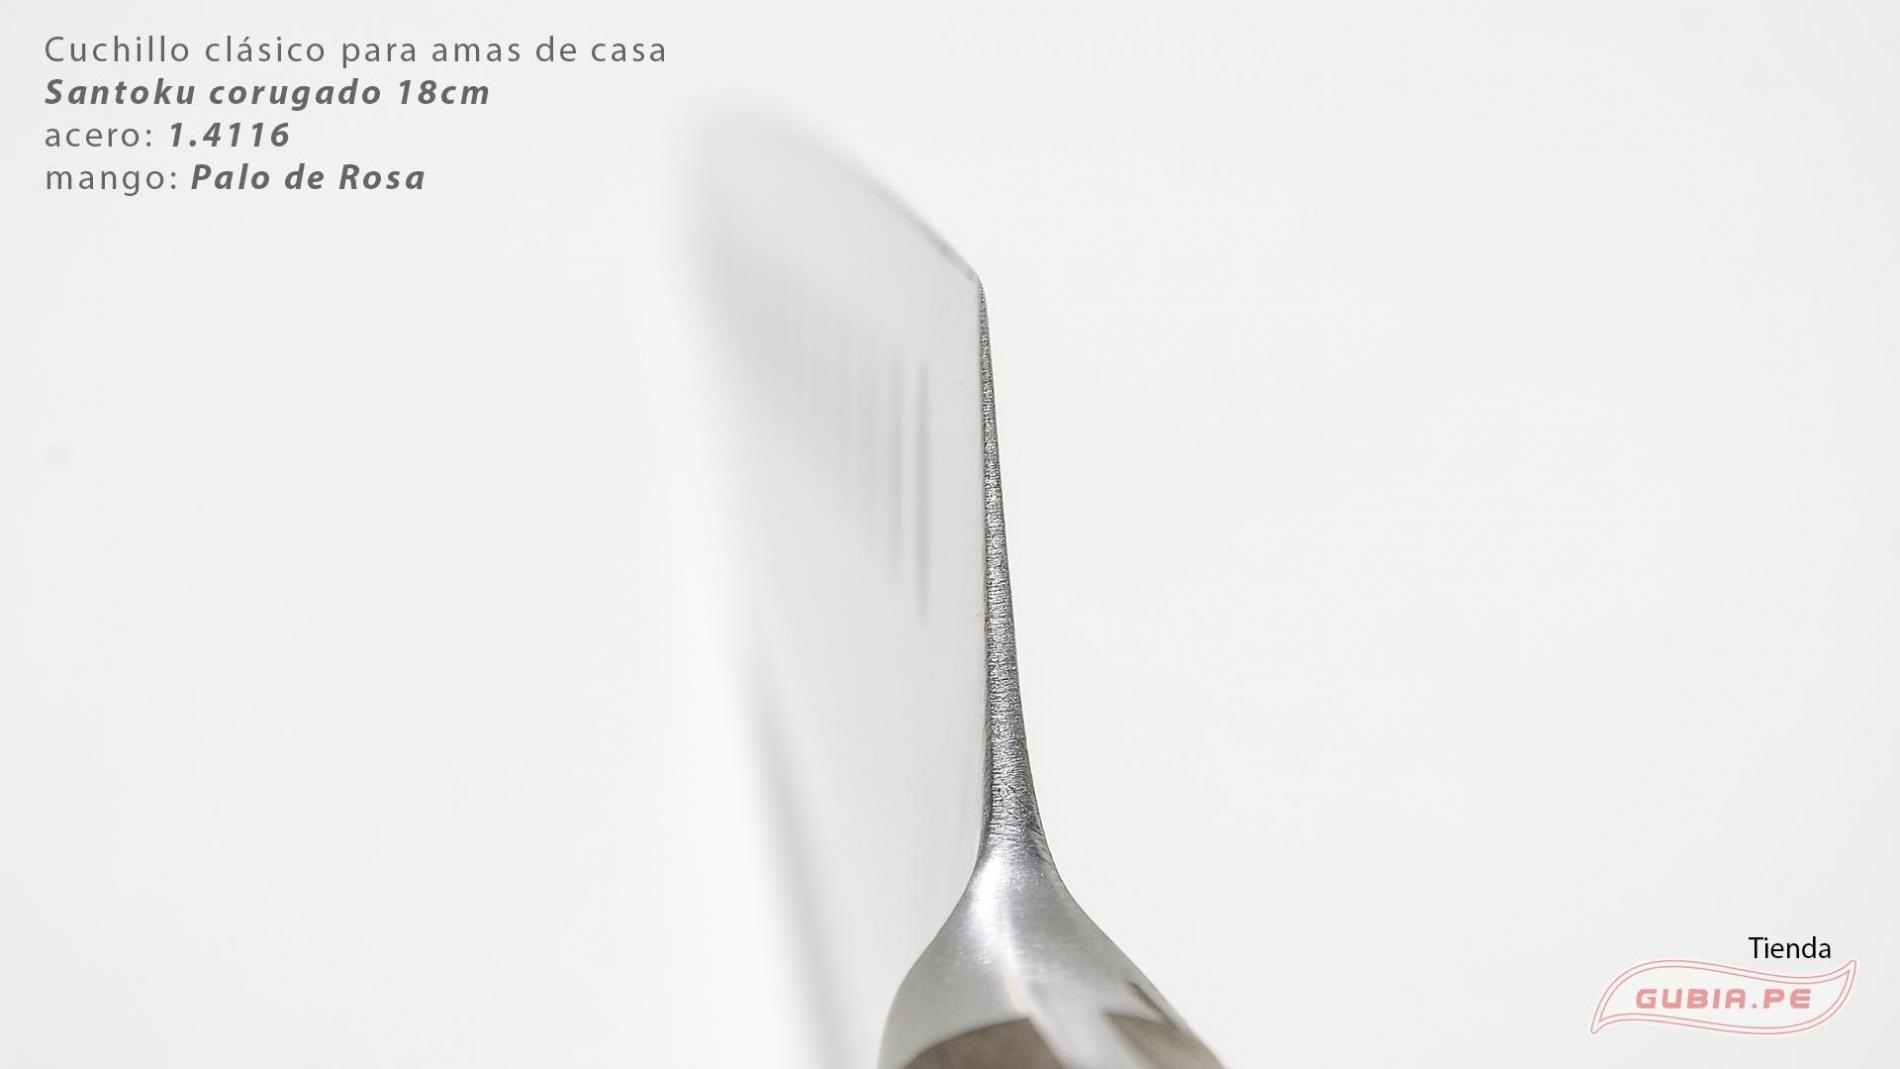 C1s18-Cuchillo Santoku 18cm  acero 1.4116 Palo de Rosa Clásico C1s18-max-4.